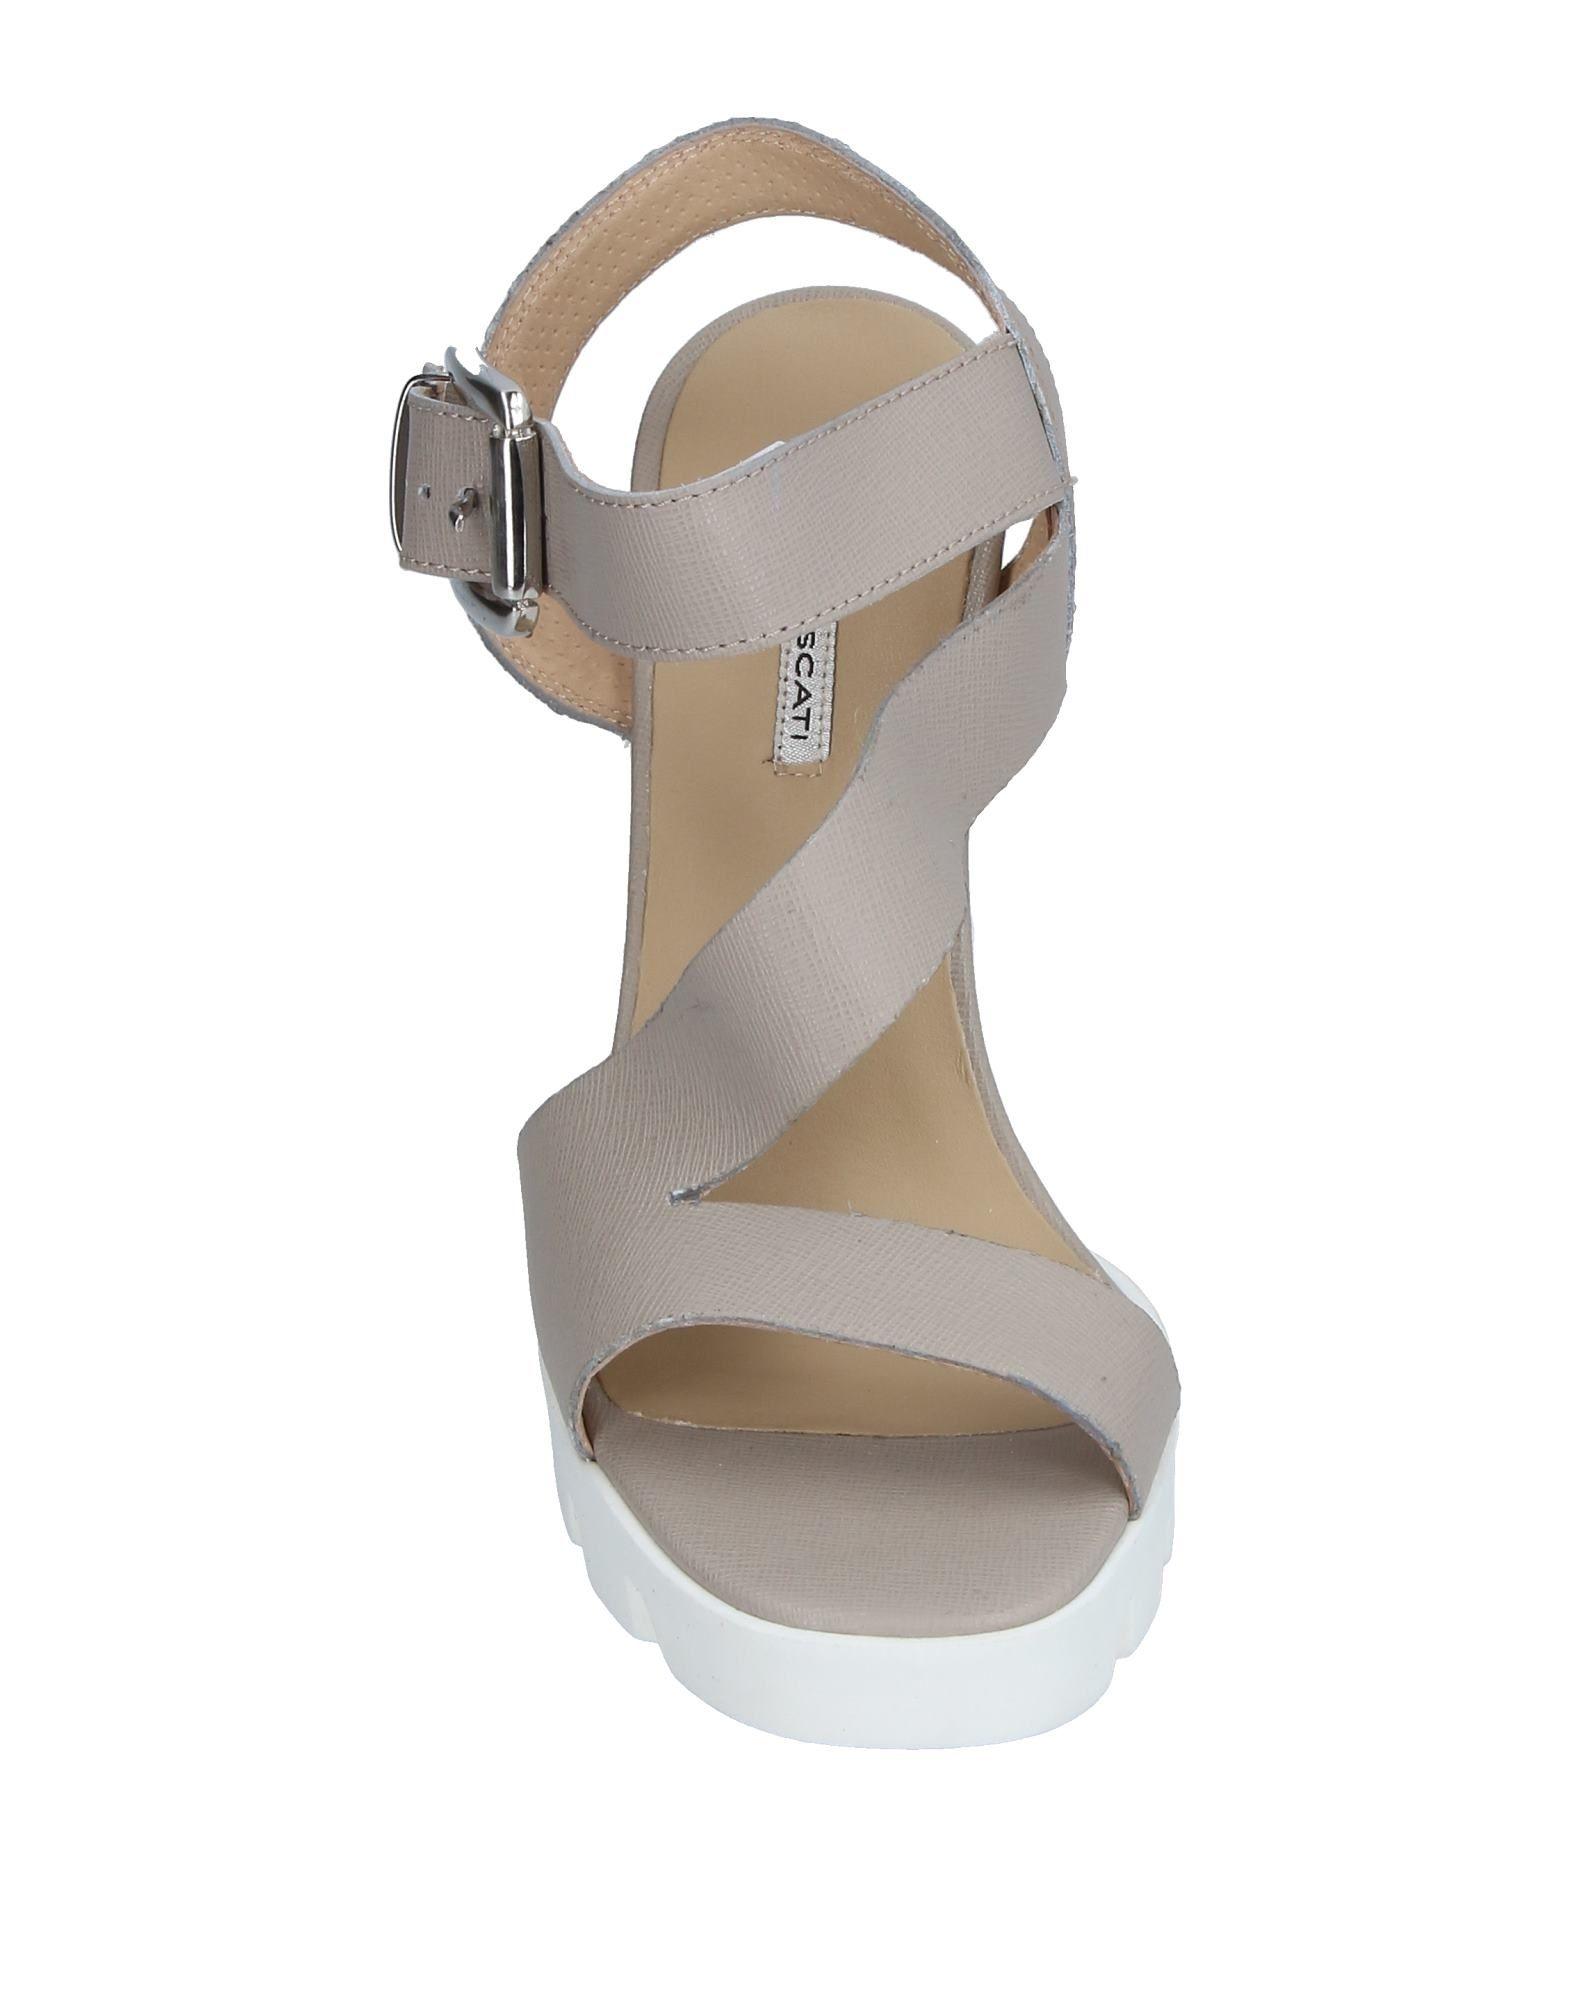 Klassischer Gutes Stil-3836,Lea Foscati Sandalen Damen Gutes Klassischer Preis-Leistungs-Verhältnis, es lohnt sich 3f8741